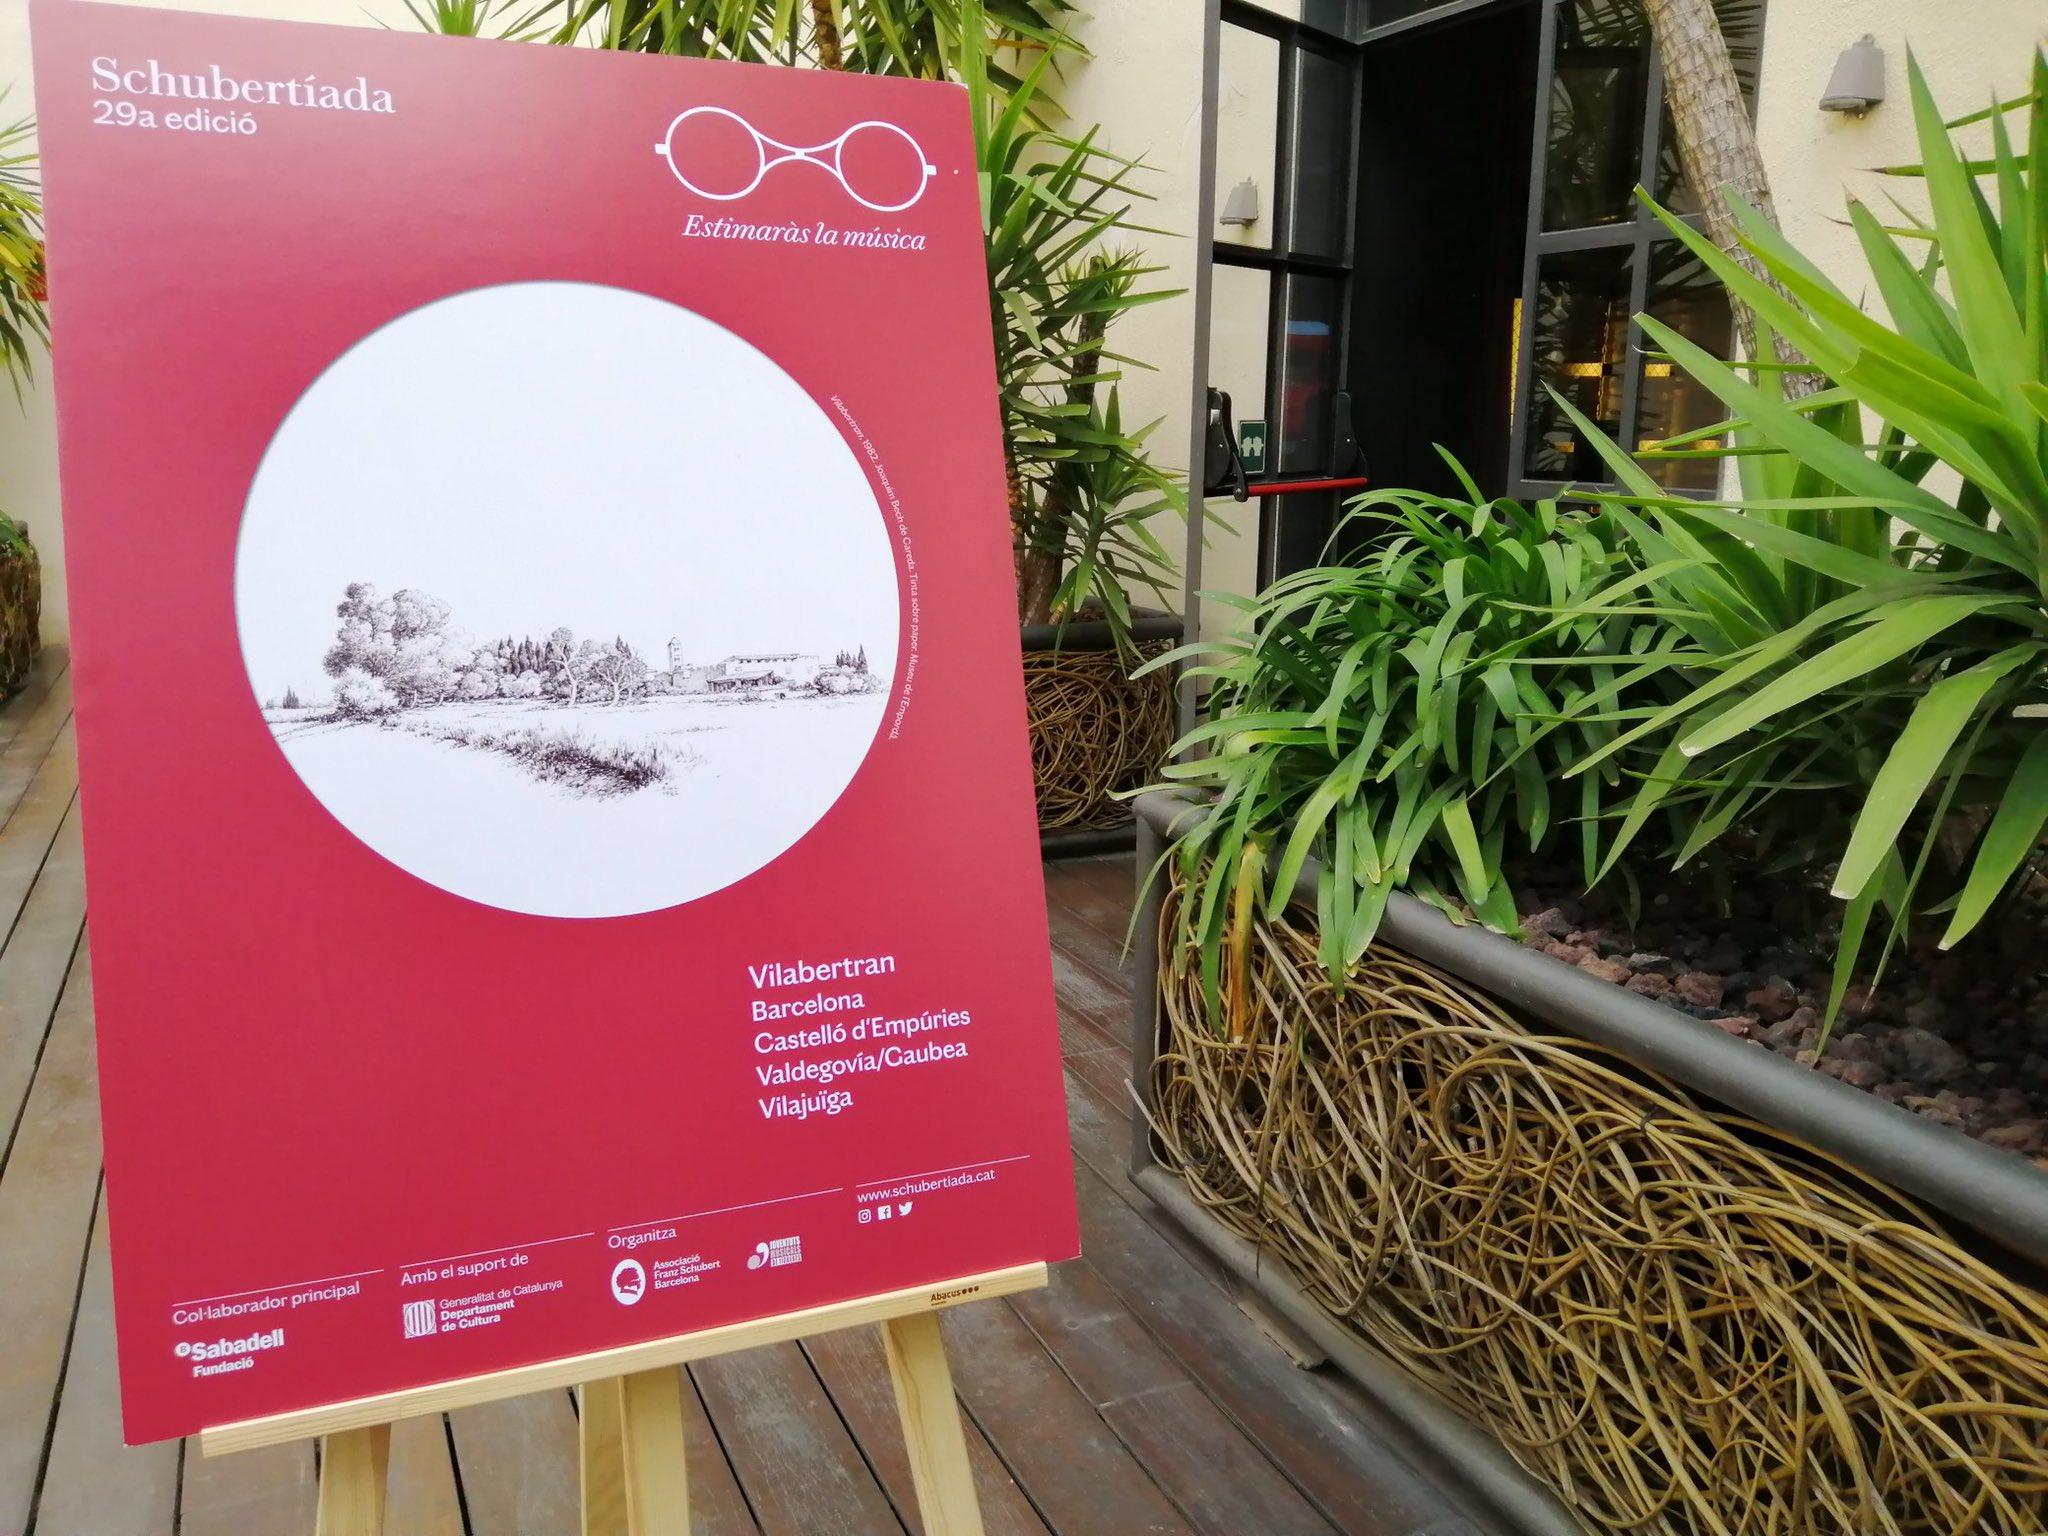 Presentació del festival Schubertíada